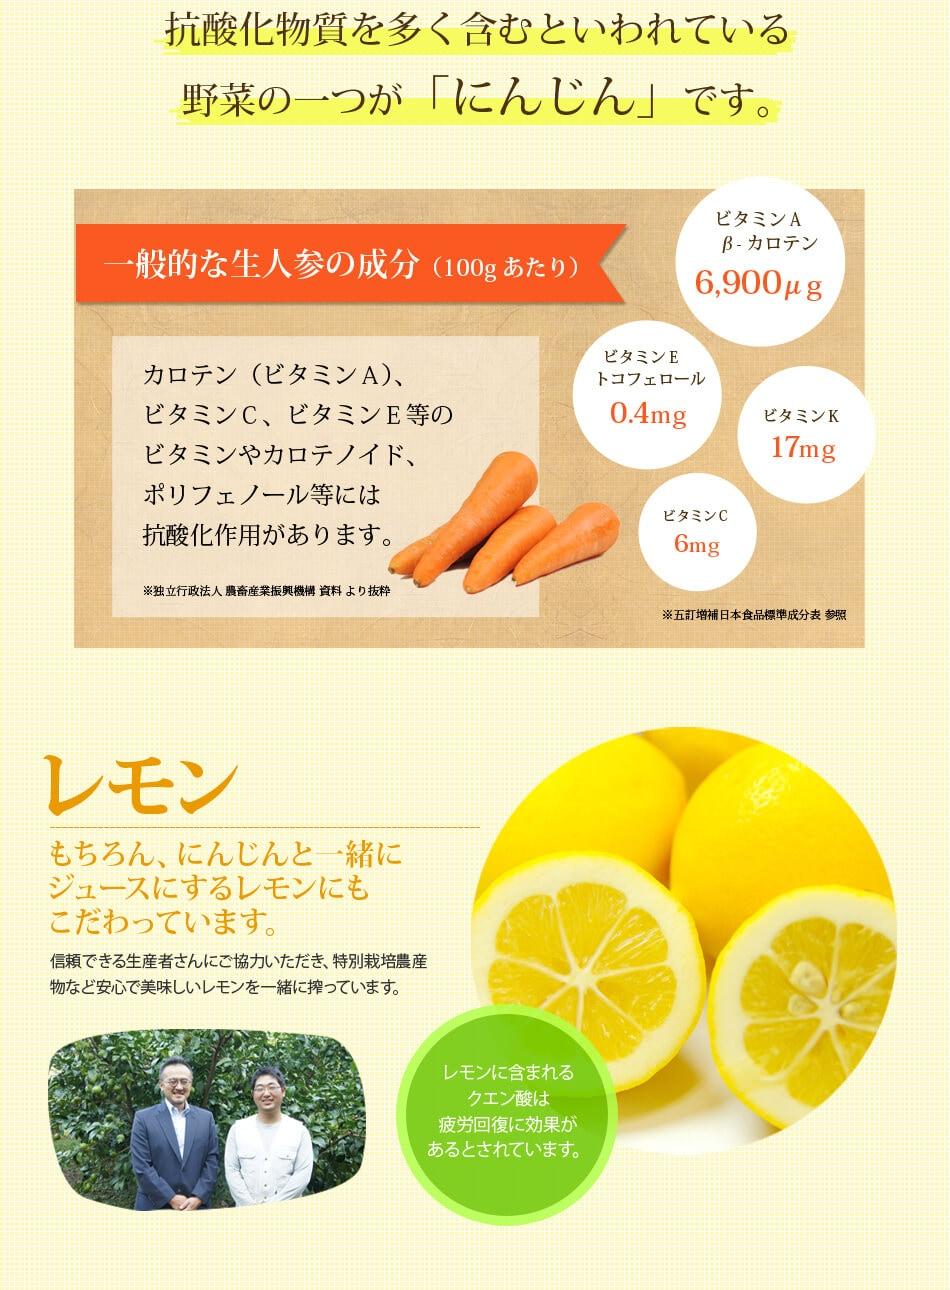 一般的な生人参の成分とレモン